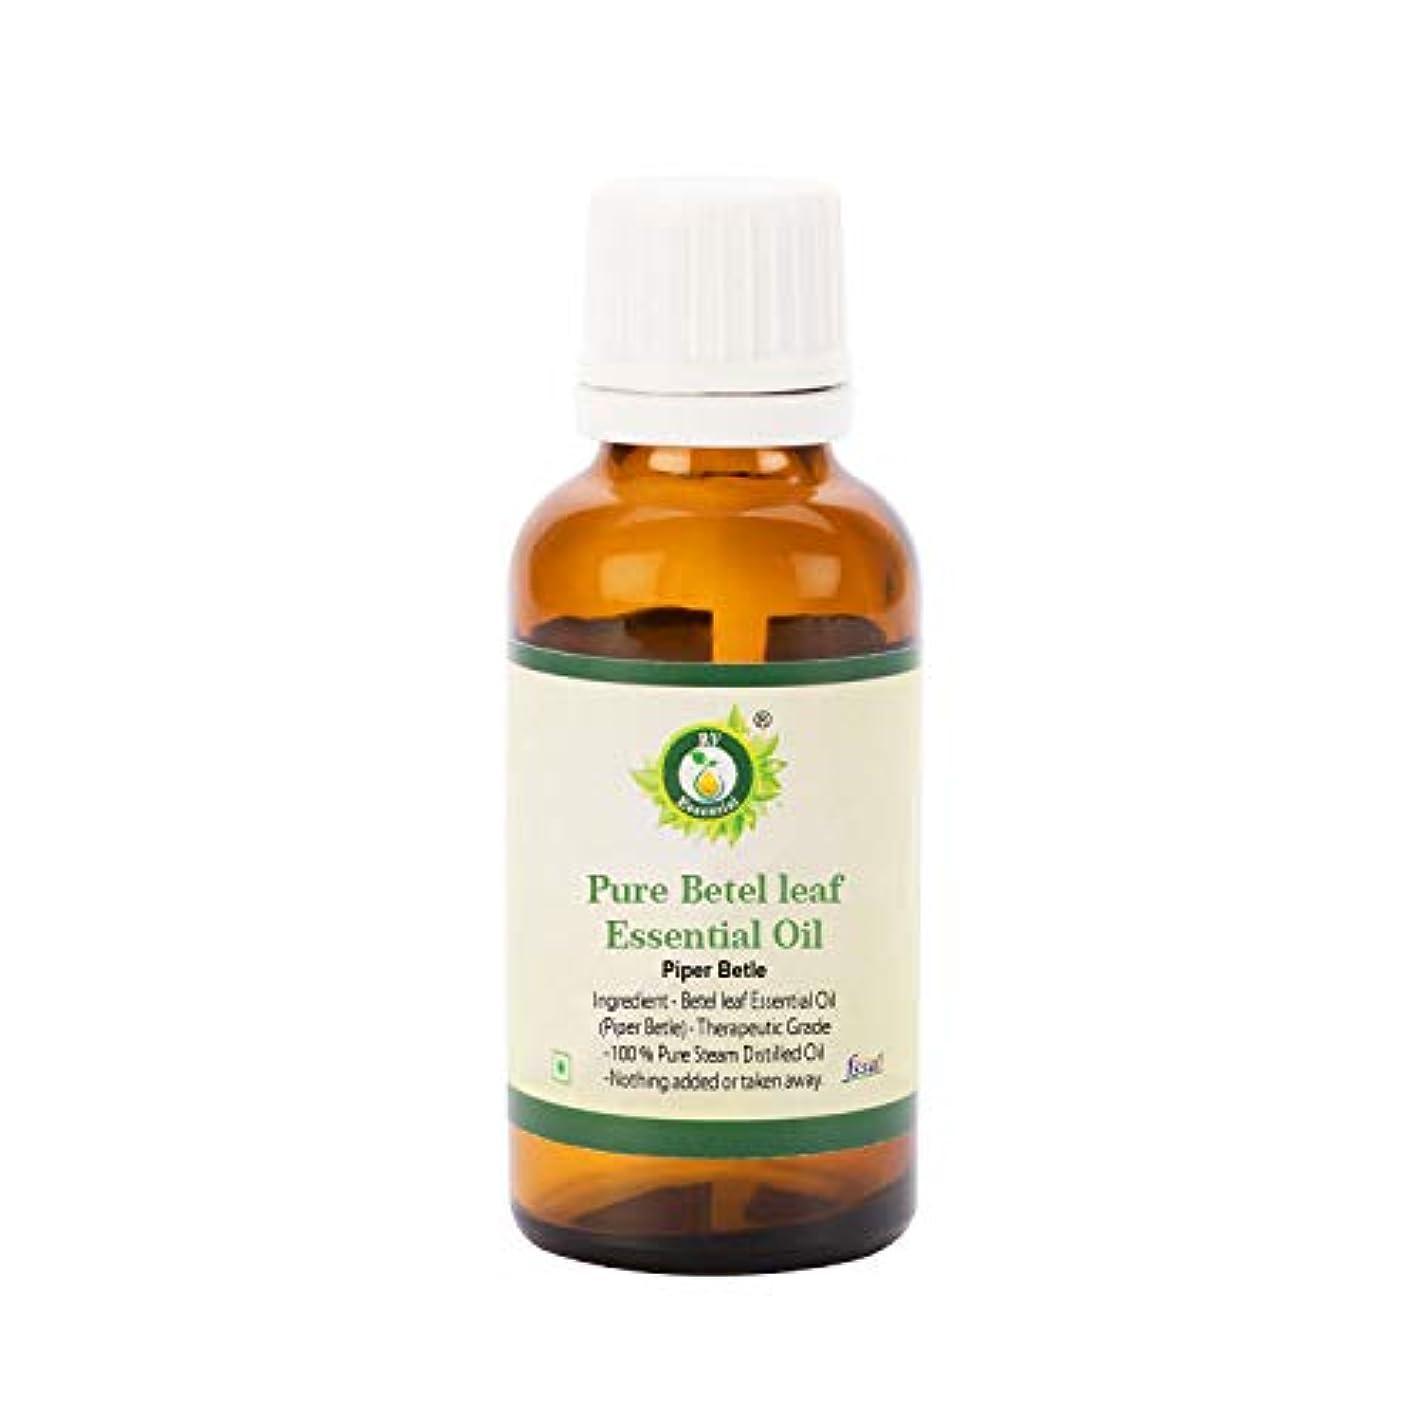 プロトタイプ法王養うR V Essential ピュアBetel葉エッセンシャルオイル10ml (0.338oz)- Piper Betle (100%純粋&天然スチームDistilled) Pure Betel leaf Essential...